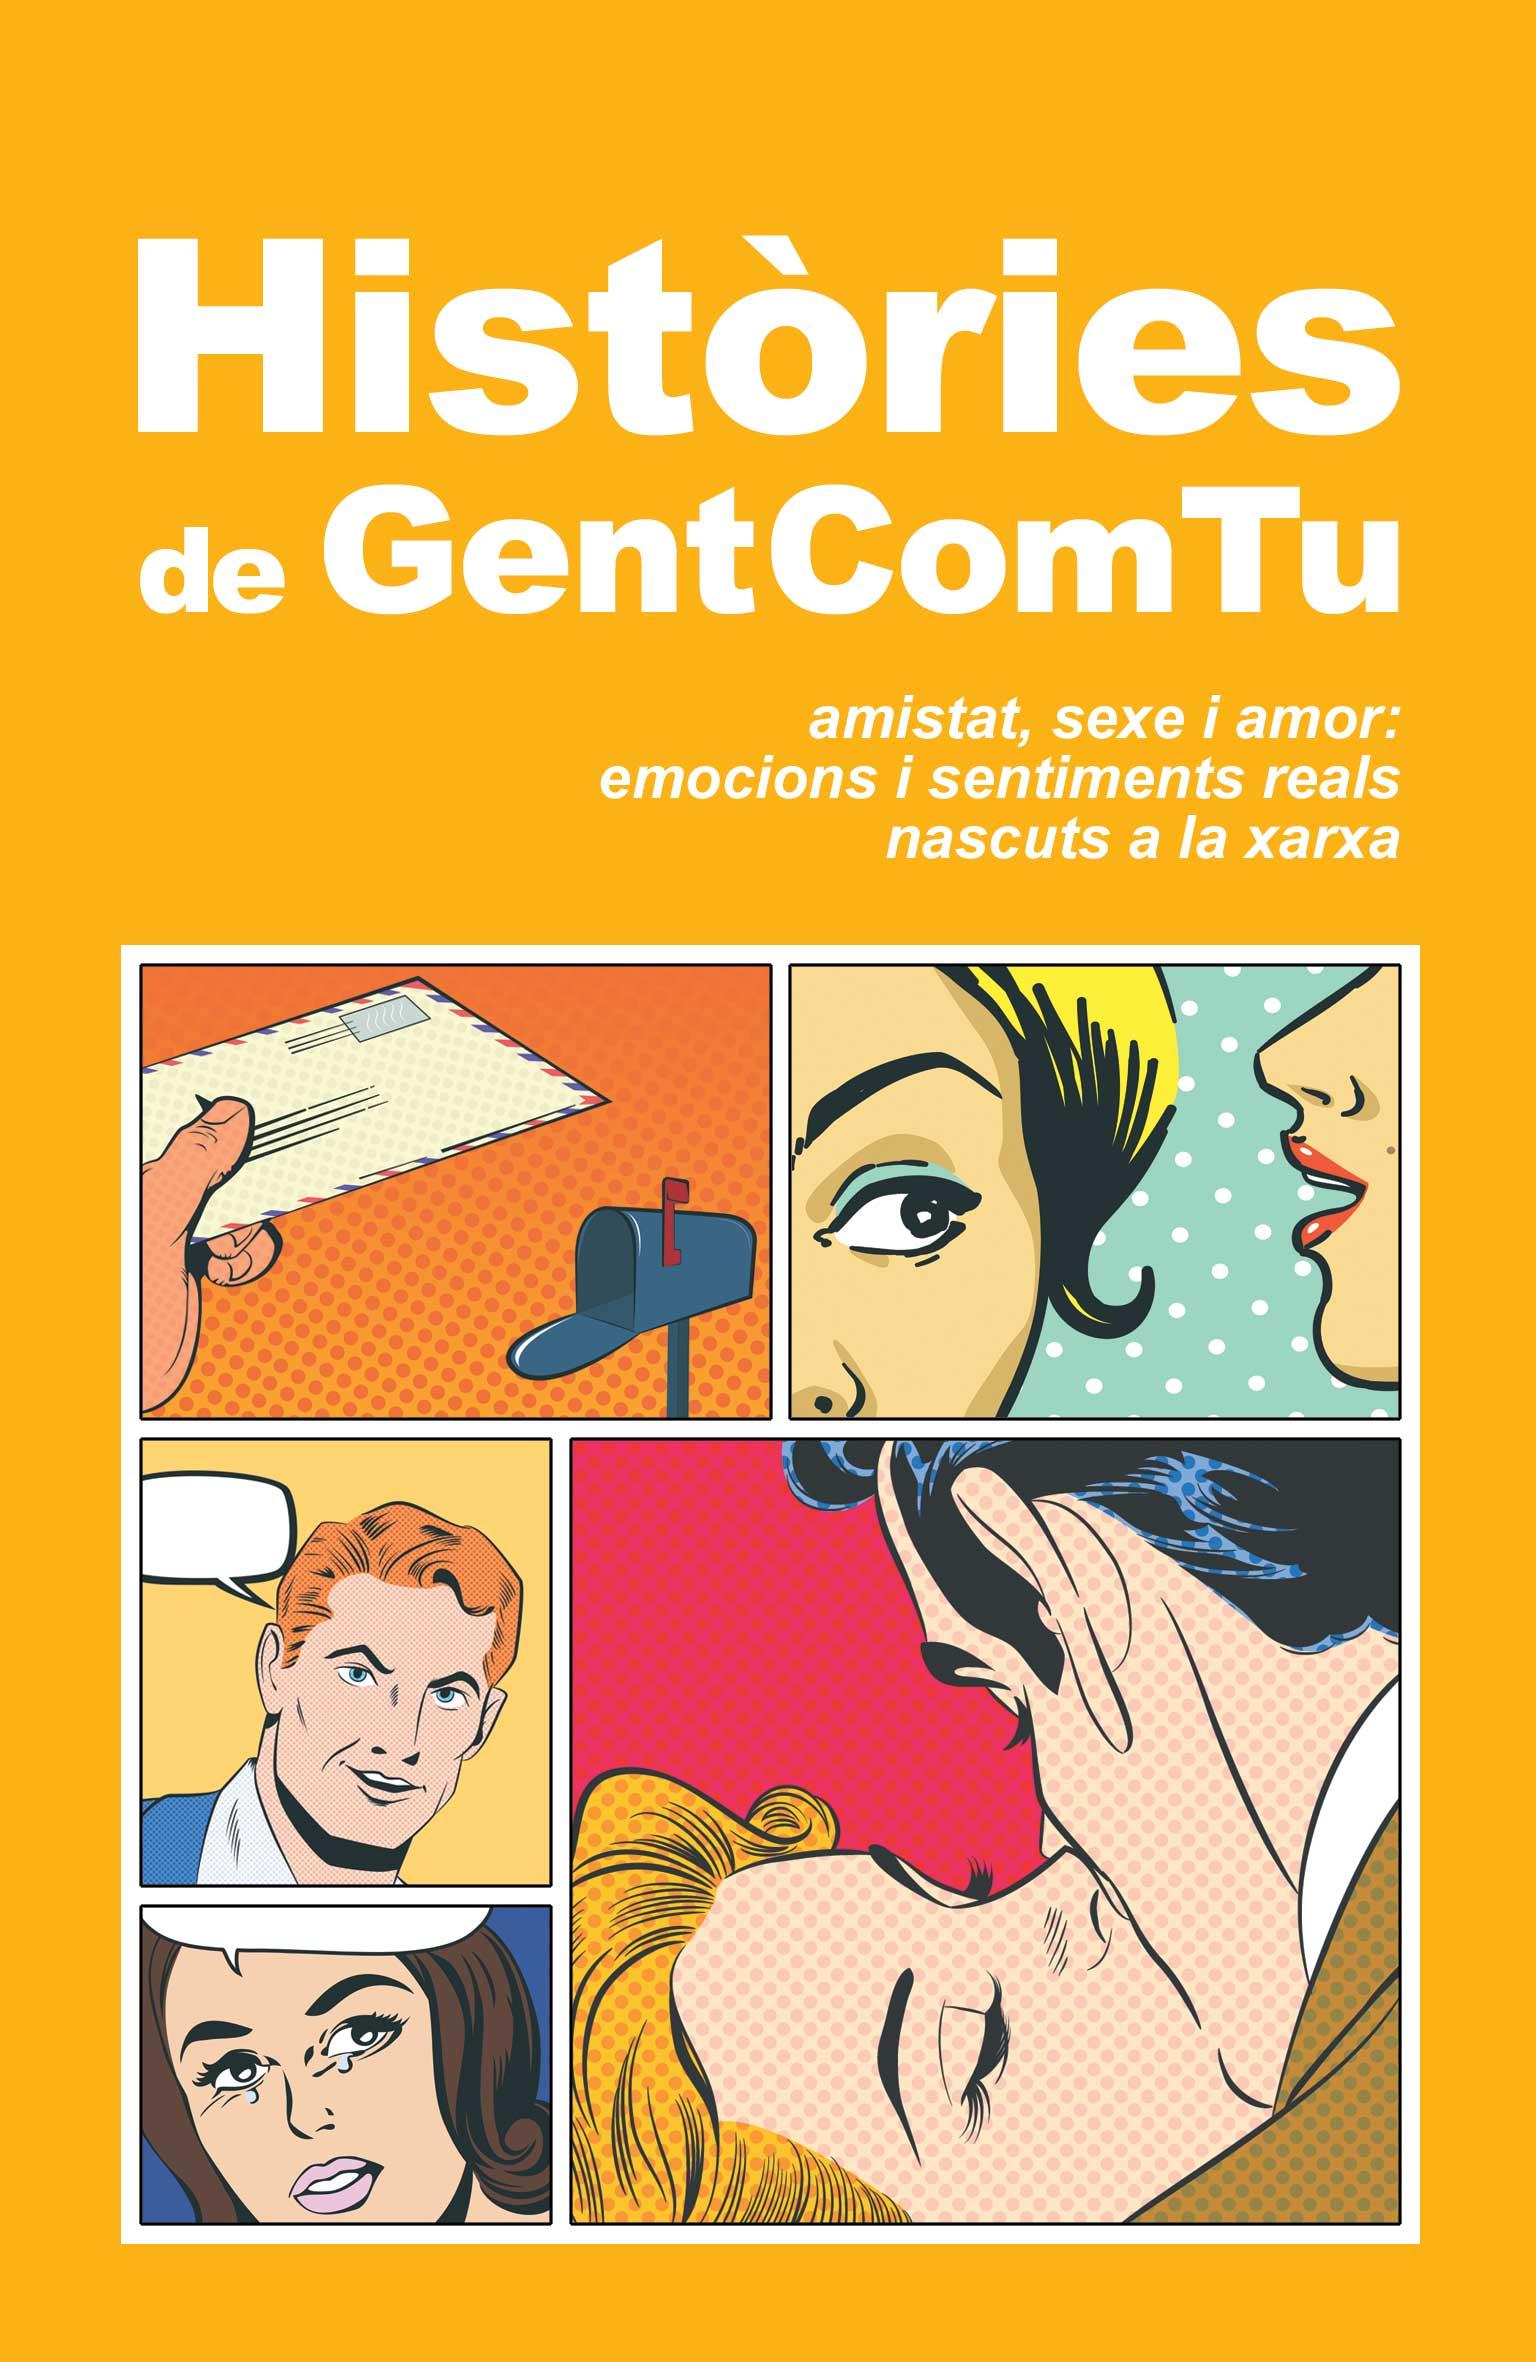 Històries de GentComTu: Coberta